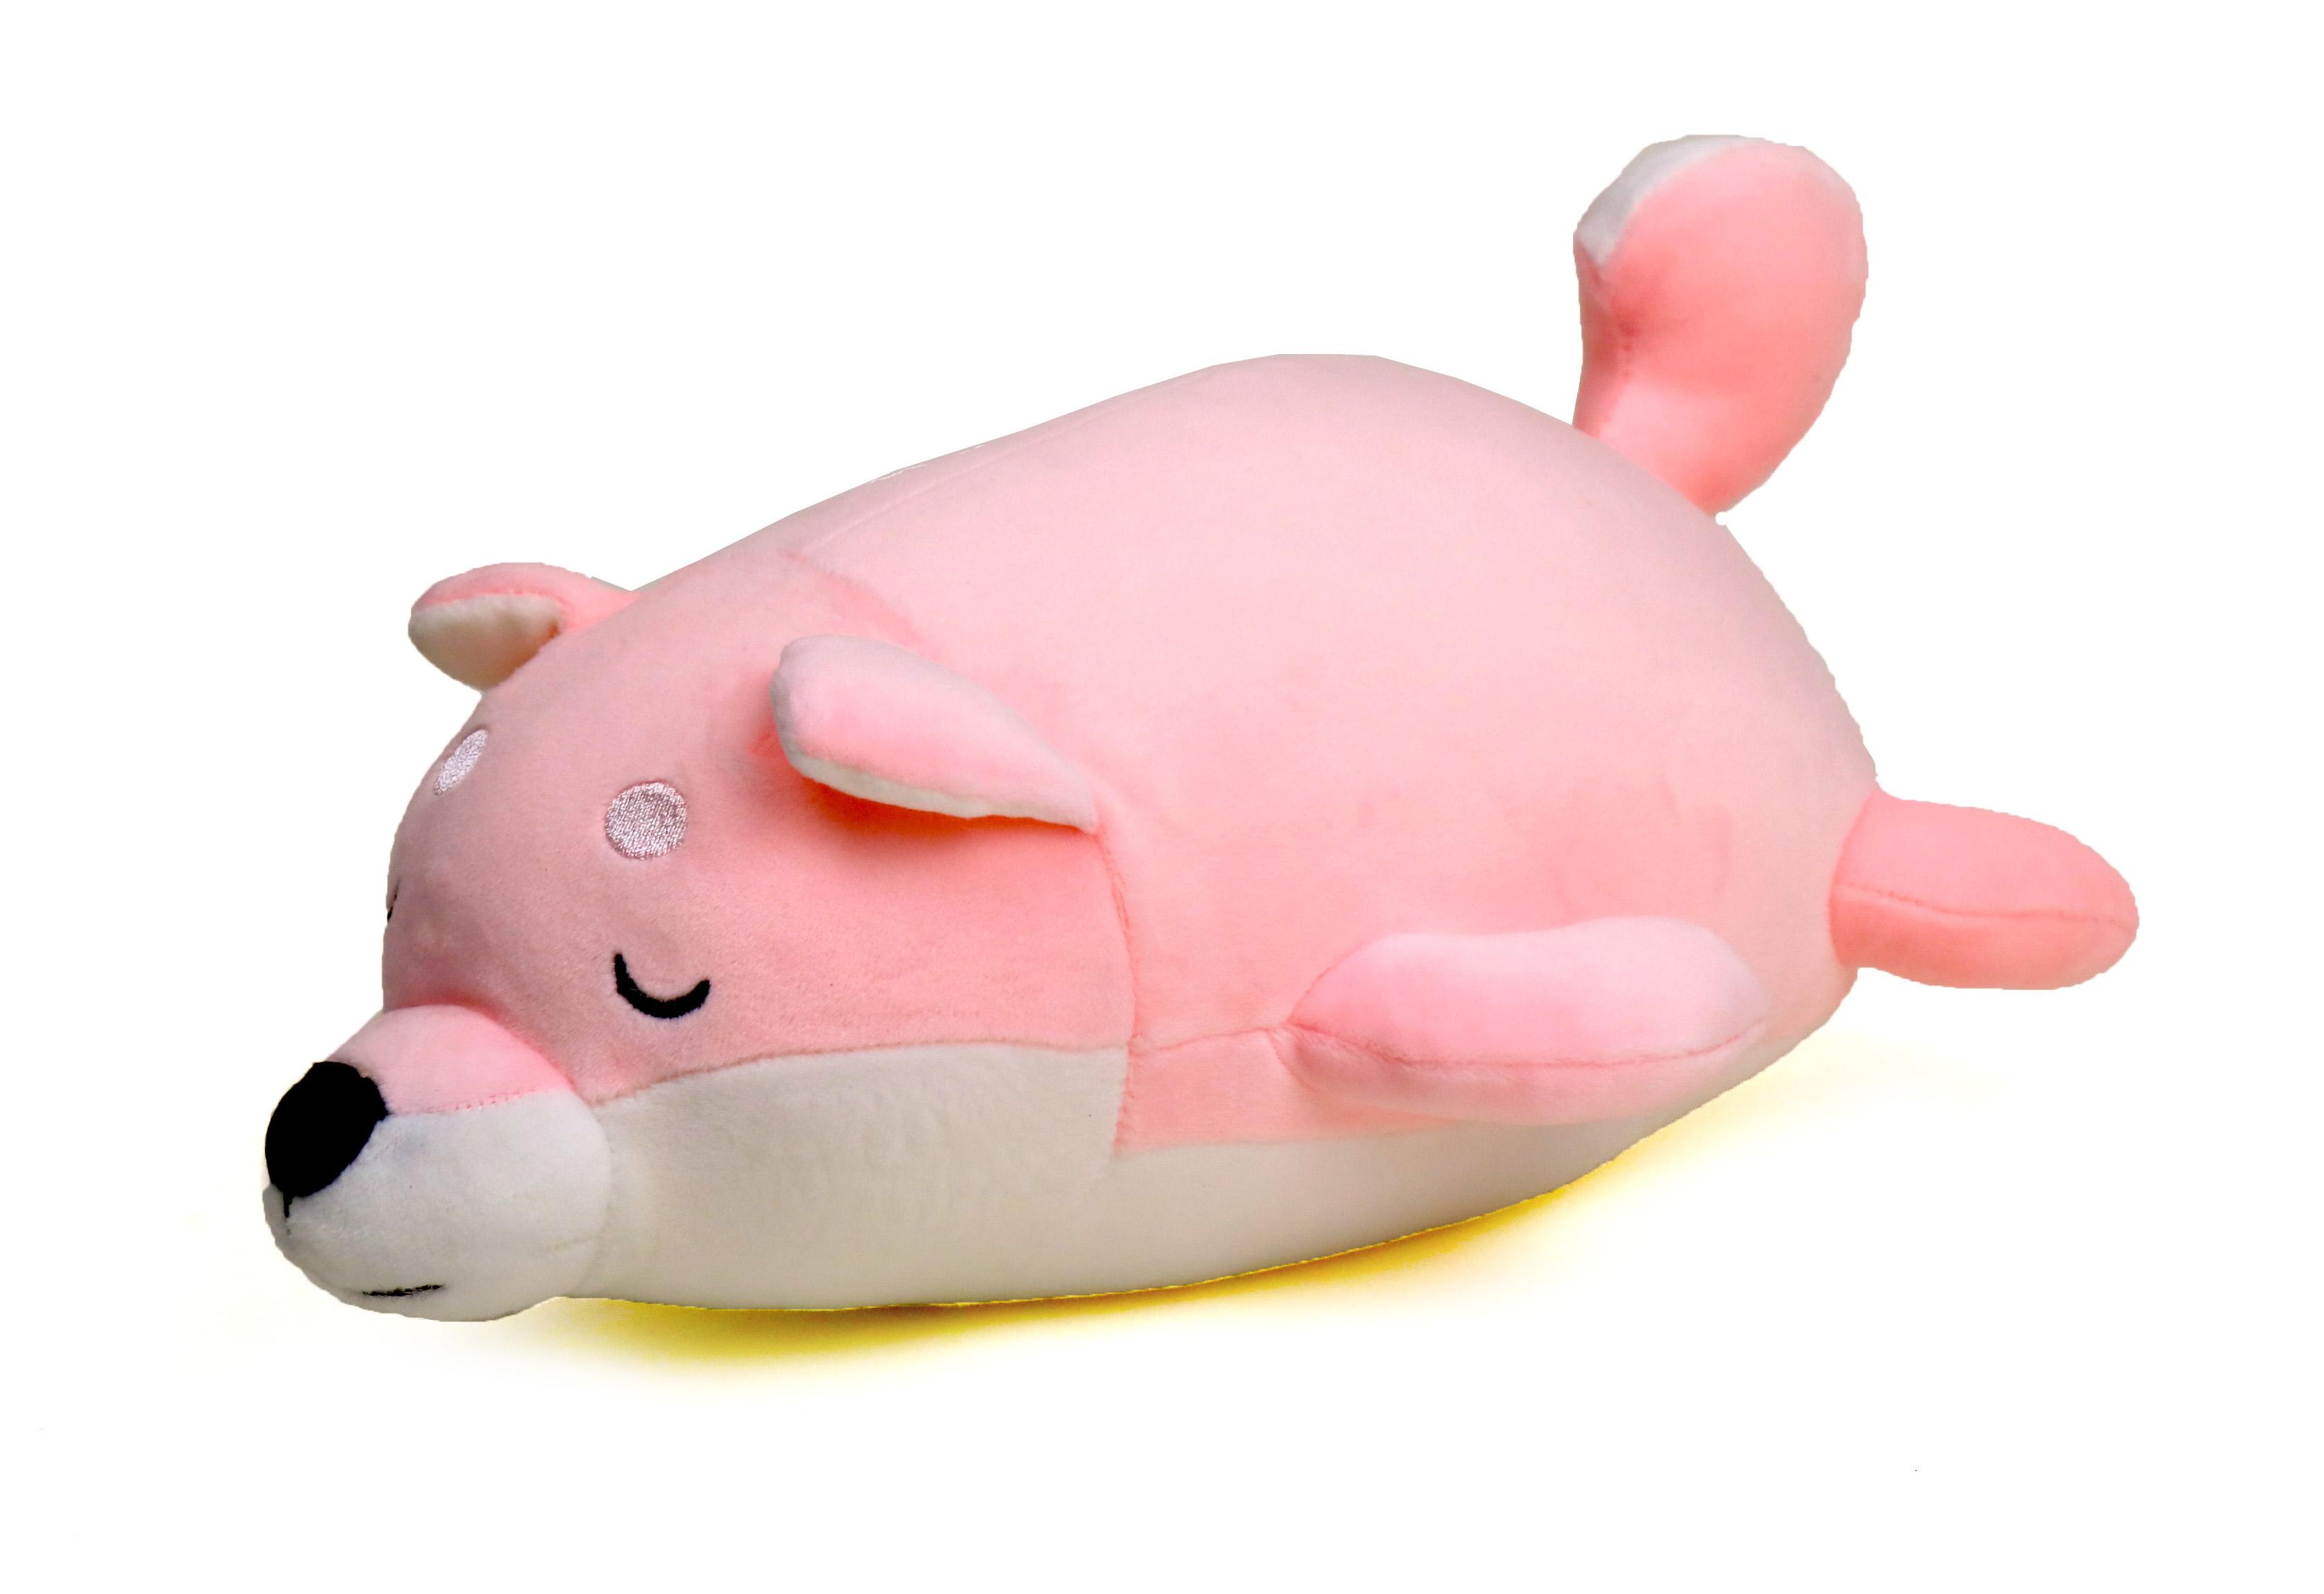 ตุ๊กตาหมาชิบะ ตัวนุ่มนิ่ม สีพาสเทล  ขนาด 30 ซม.